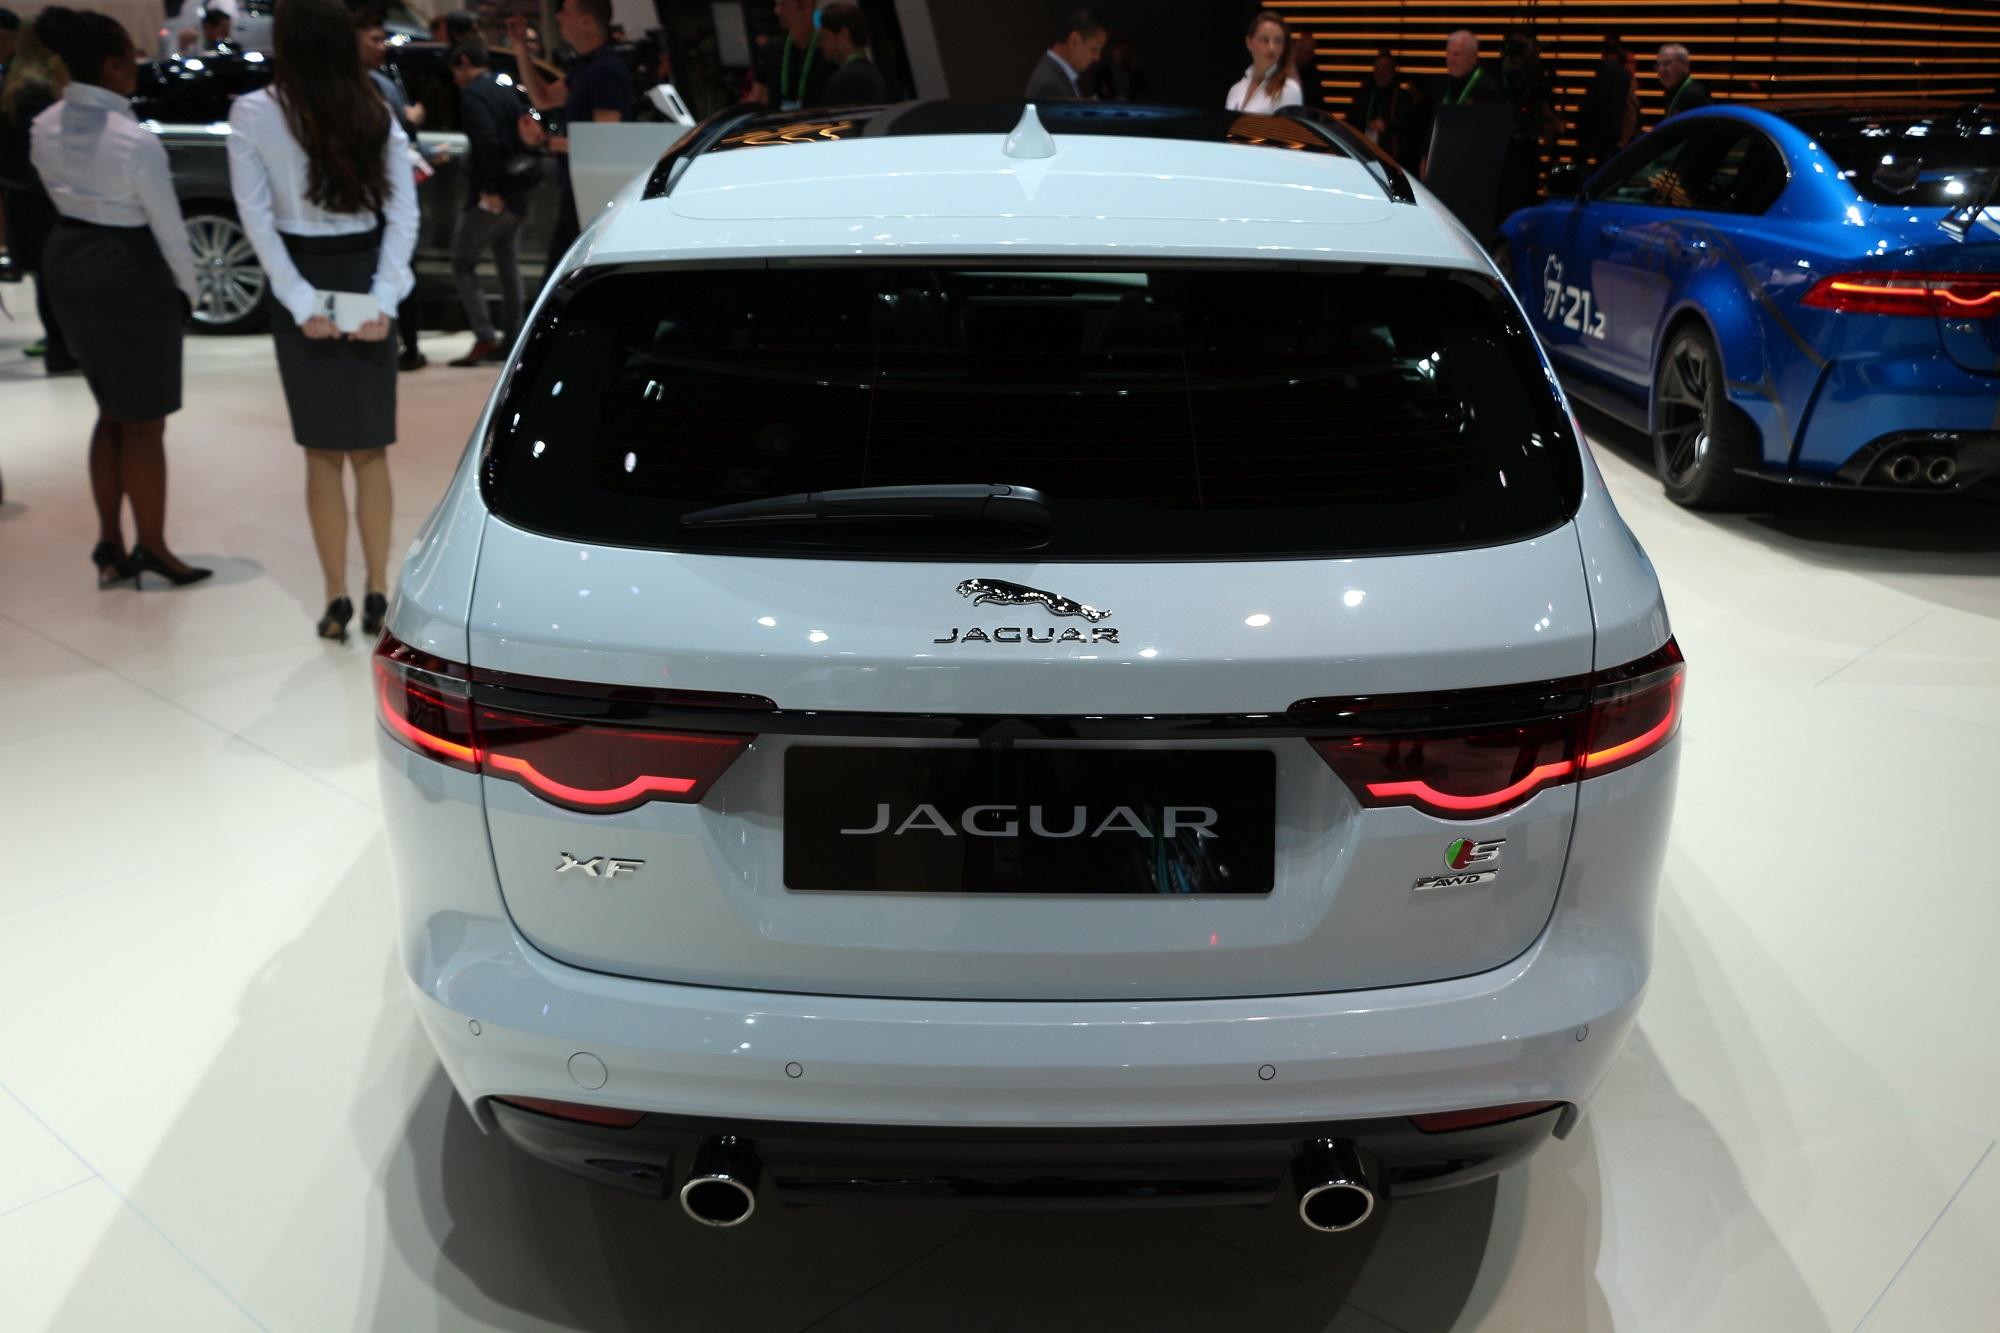 Jaguarforums.com Jaguar XE XF Sportbrake E-Pace F-Pace Hybrid